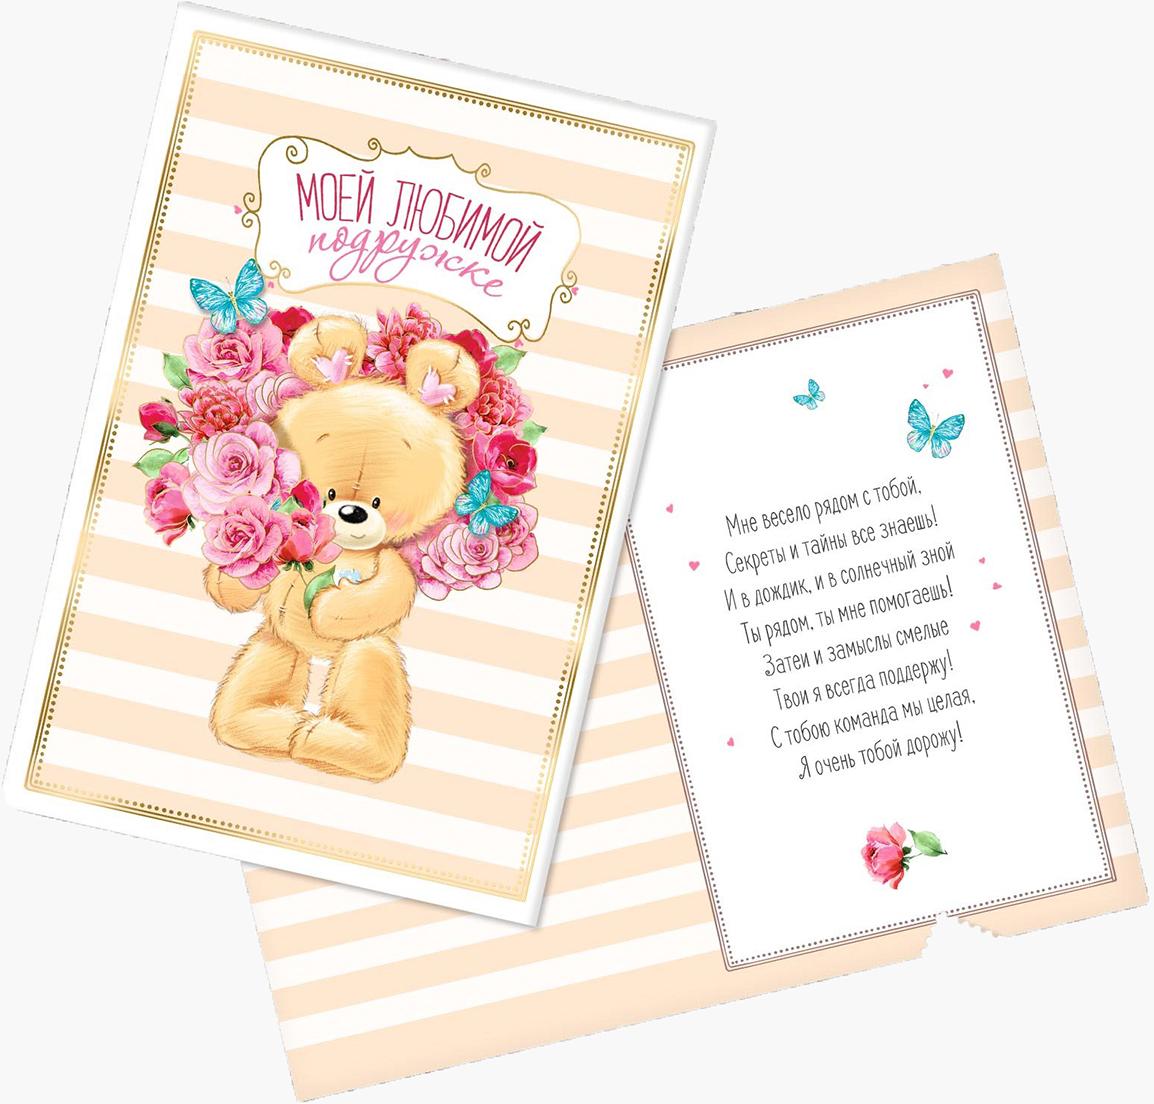 Открытка Дарите Счастье Любимой подружке. Мишка с цветами, с тиснением, 12 х 18 см2793578Выразить свои чувства и дополнить основной подарок тёплыми словами вам поможет Открытка . С ней ваше пожелание «Счастья, любви и здоровья» приобретёт трепетный и душевный подтекст. А воспоминания о праздничном дне ещё долго будут радовать адресата.Среди нашего ассортимента печатной поздравительной продукции вы выберете открытку для любого праздника и повода.